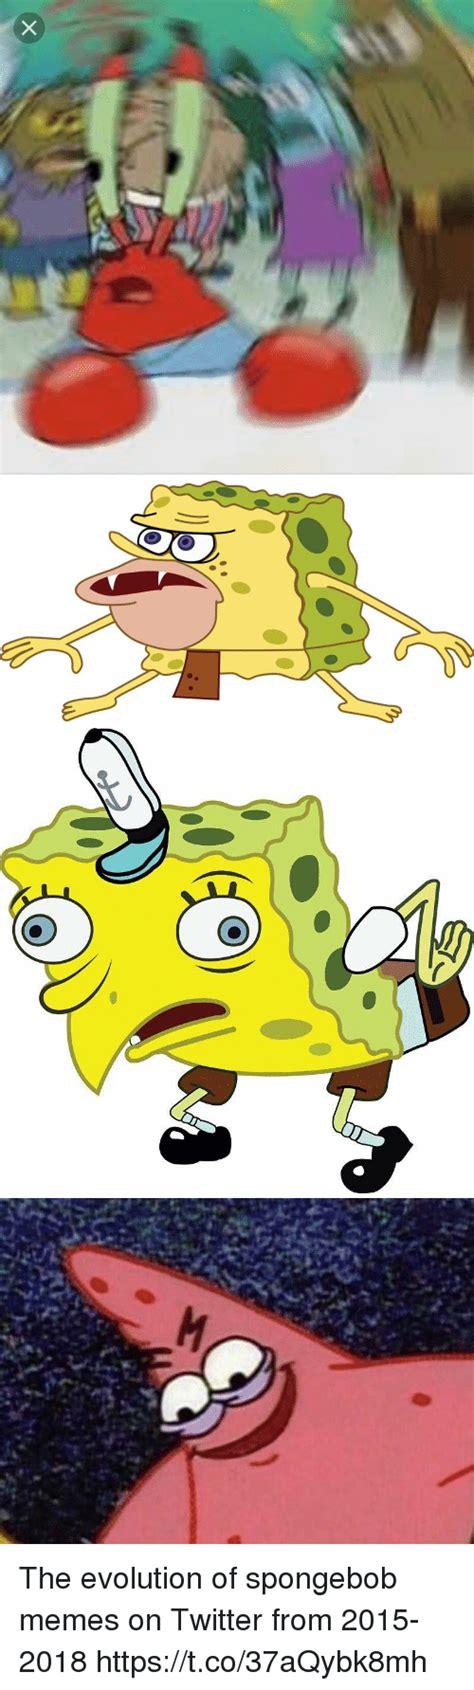 koleksi  spongebob meme game terbaru rumah meme